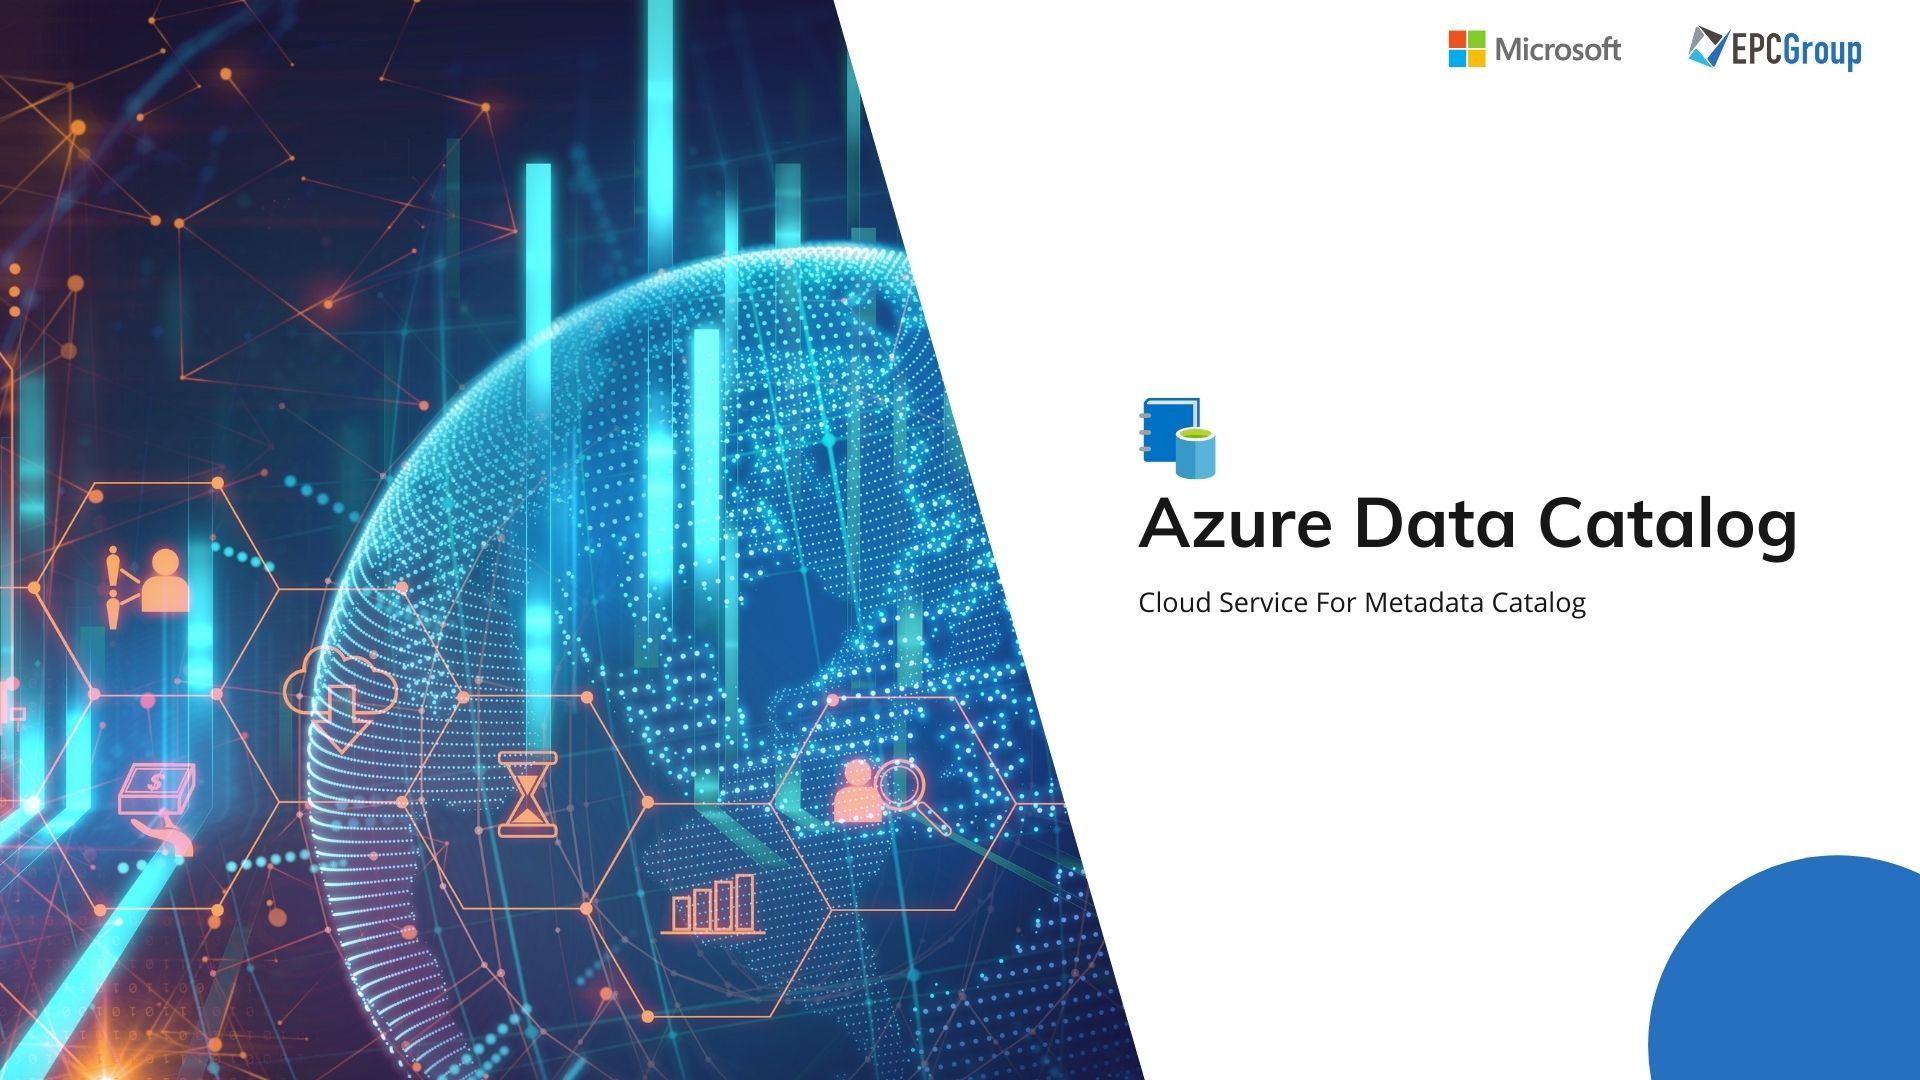 Azure Data Catalog: Managed Cloud Service For Metadata Catalog - thumb image